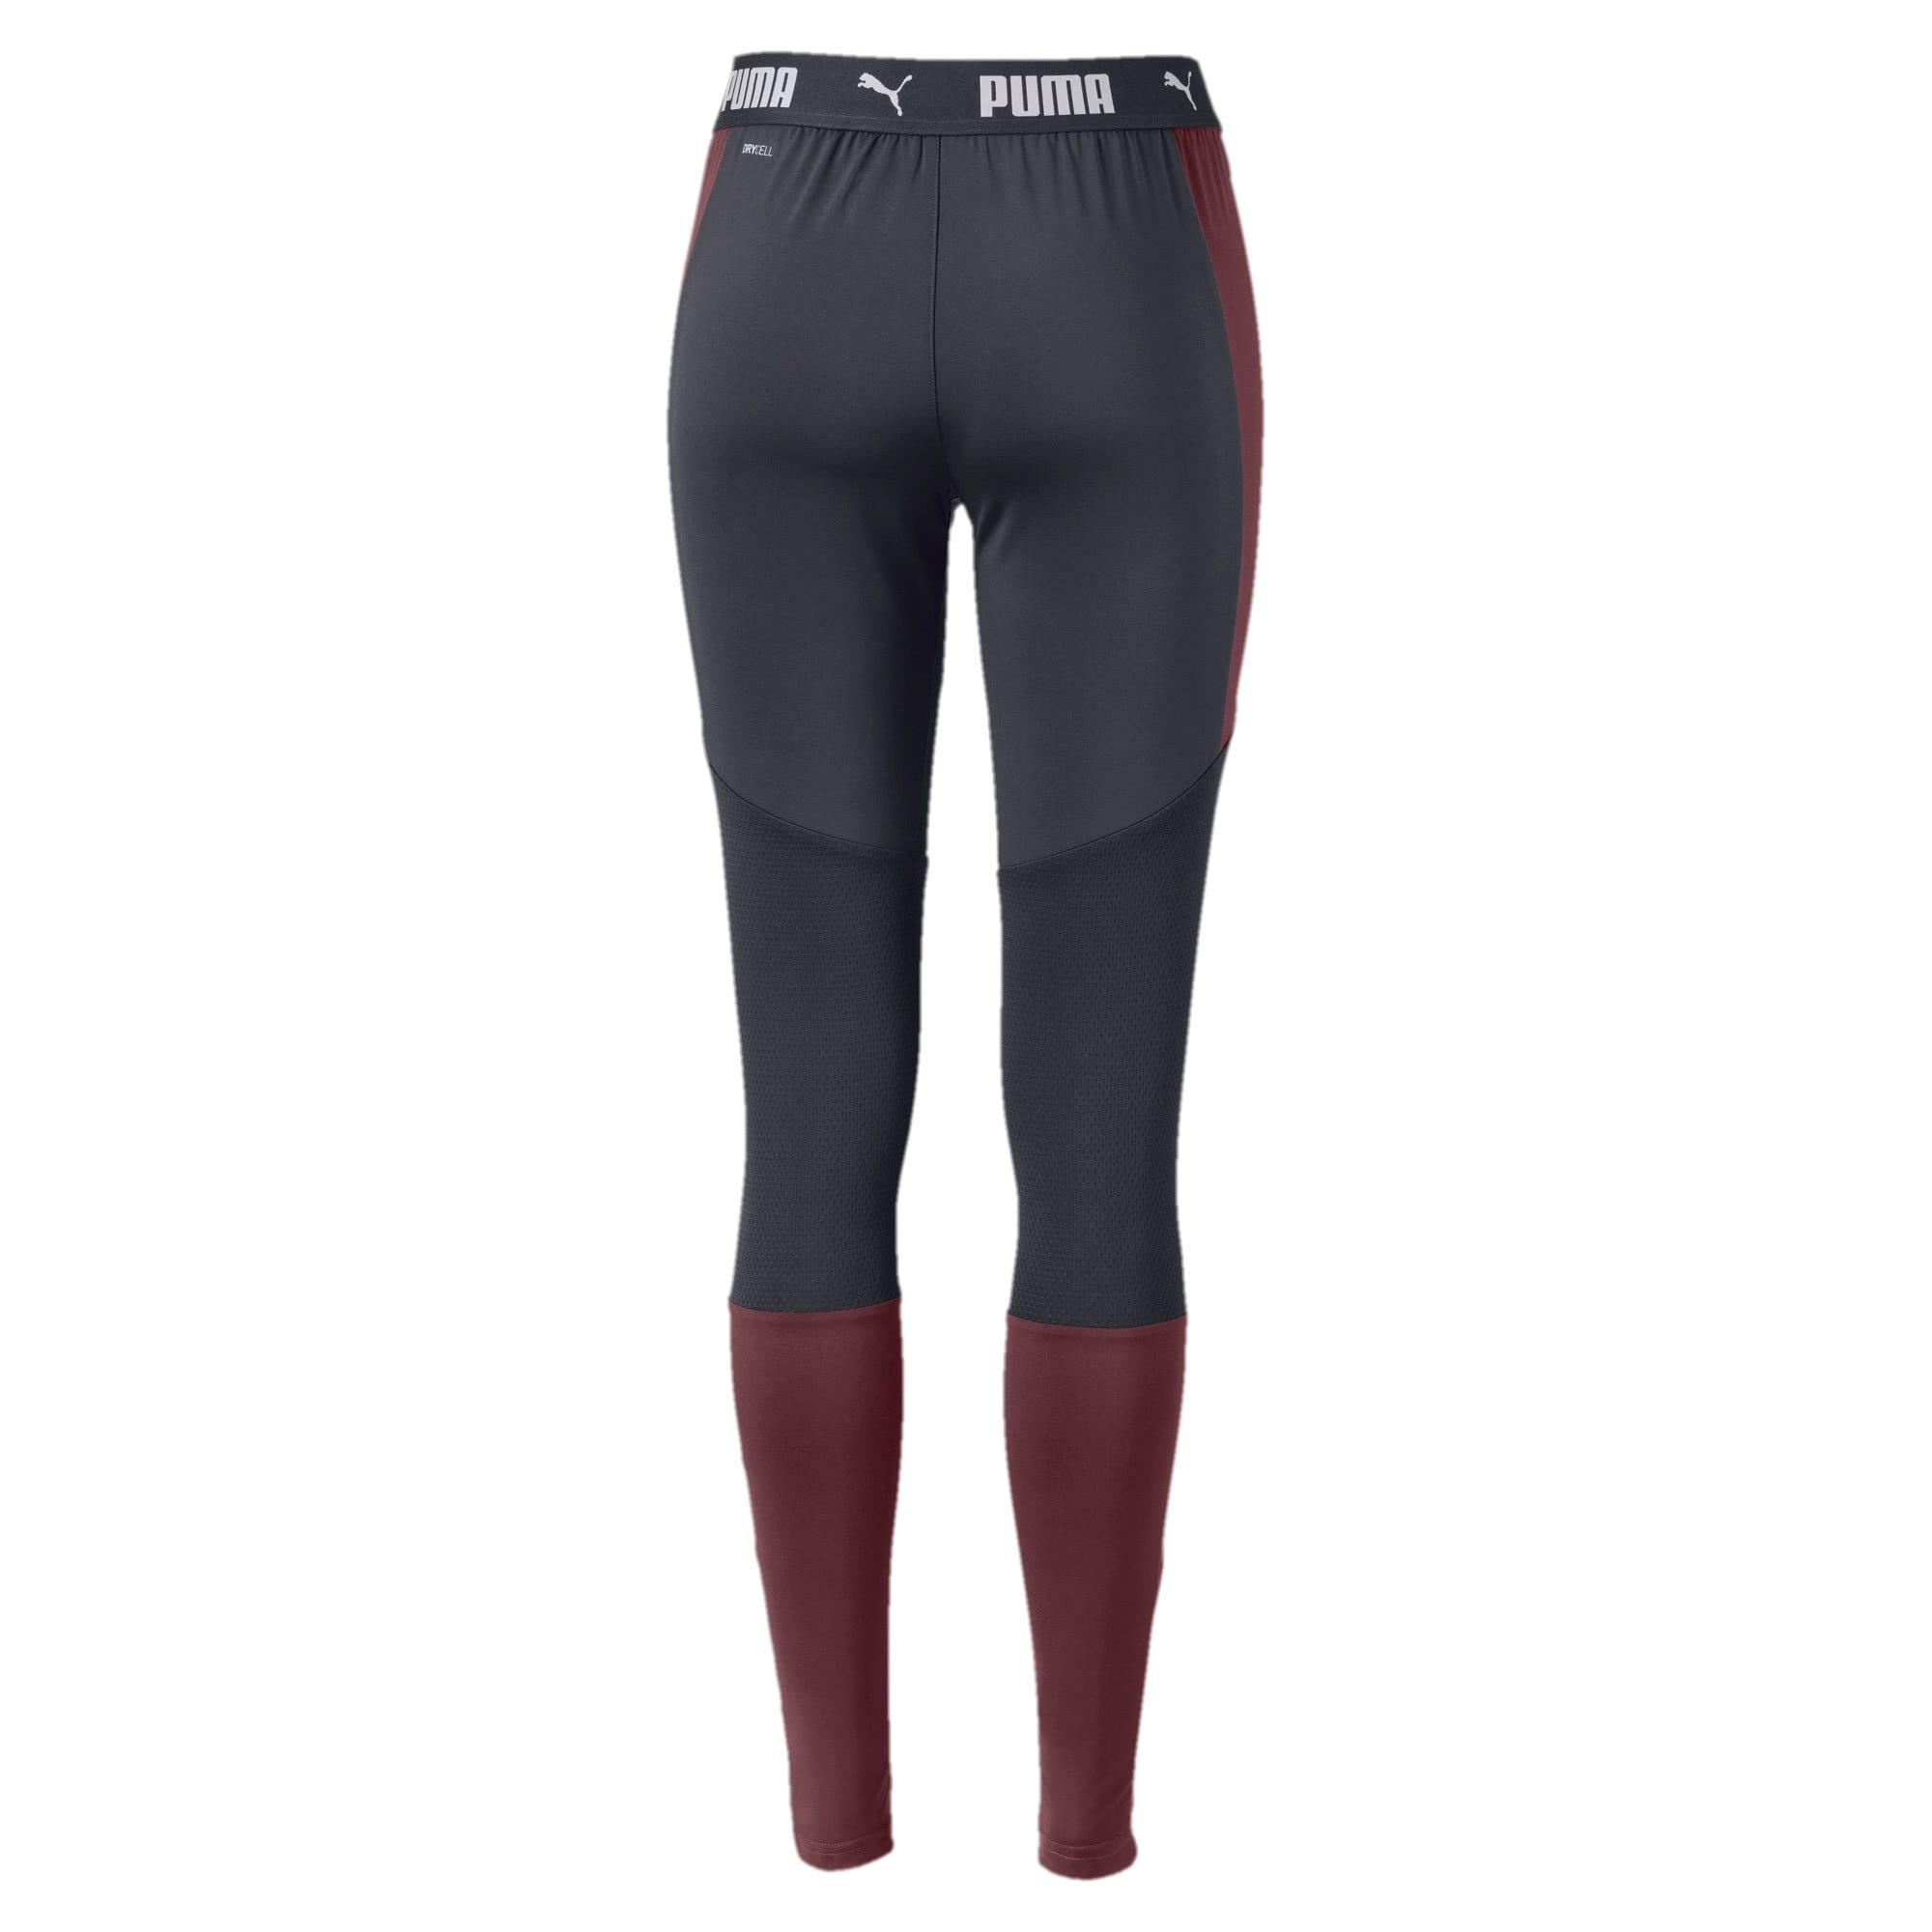 Thumbnail 5 of ftblNXT Women's Pants, Ebony-Vineyard Wine, medium